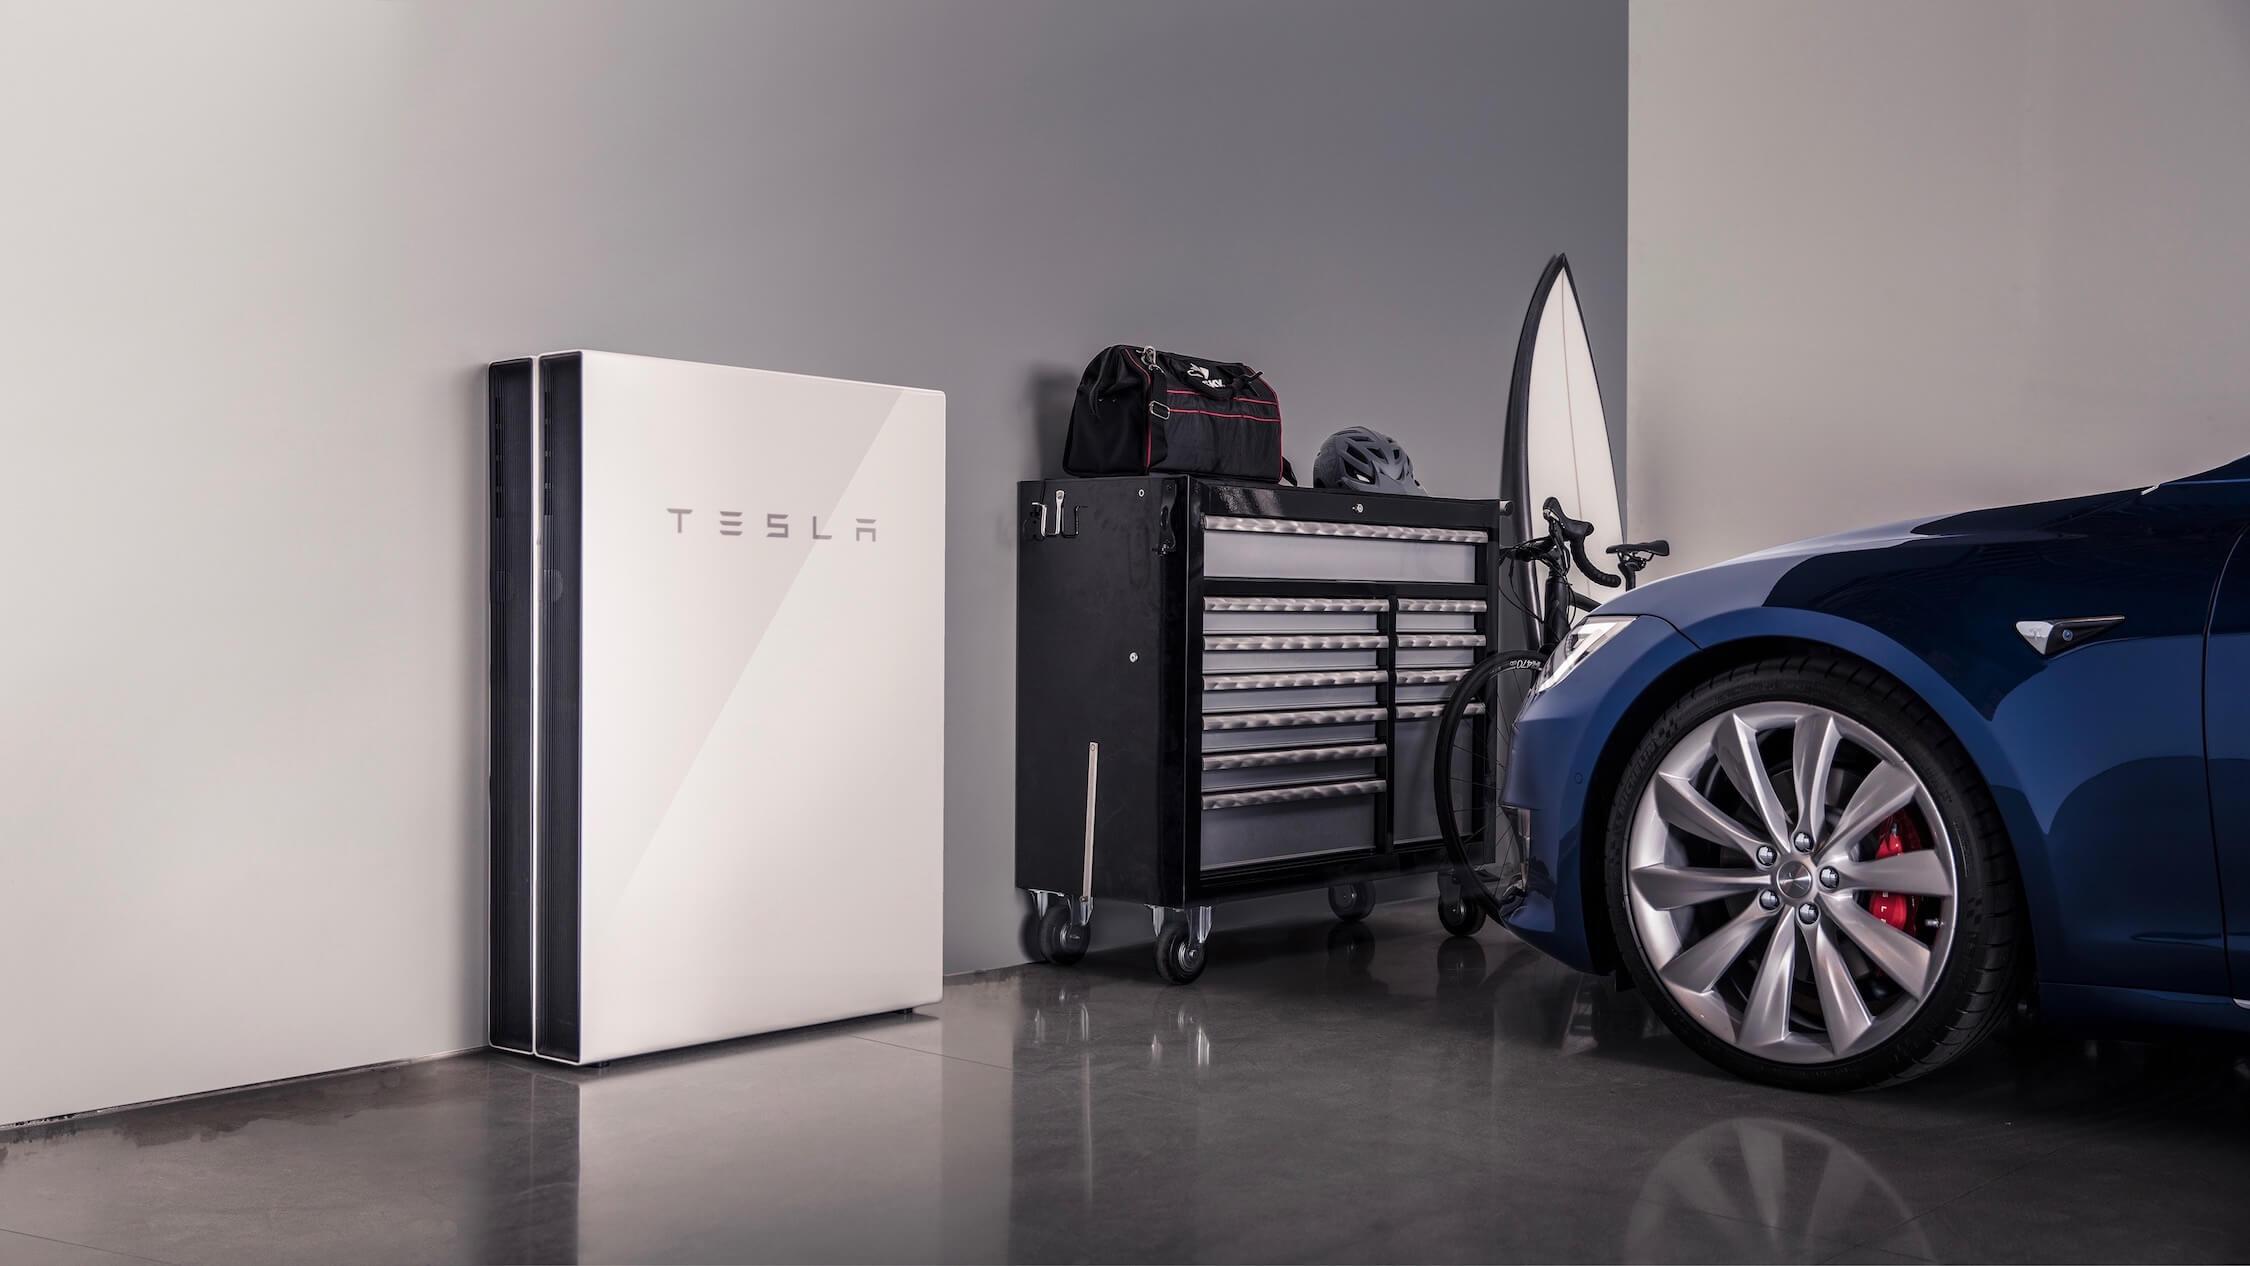 Tesla thuisbatterij naast Model S